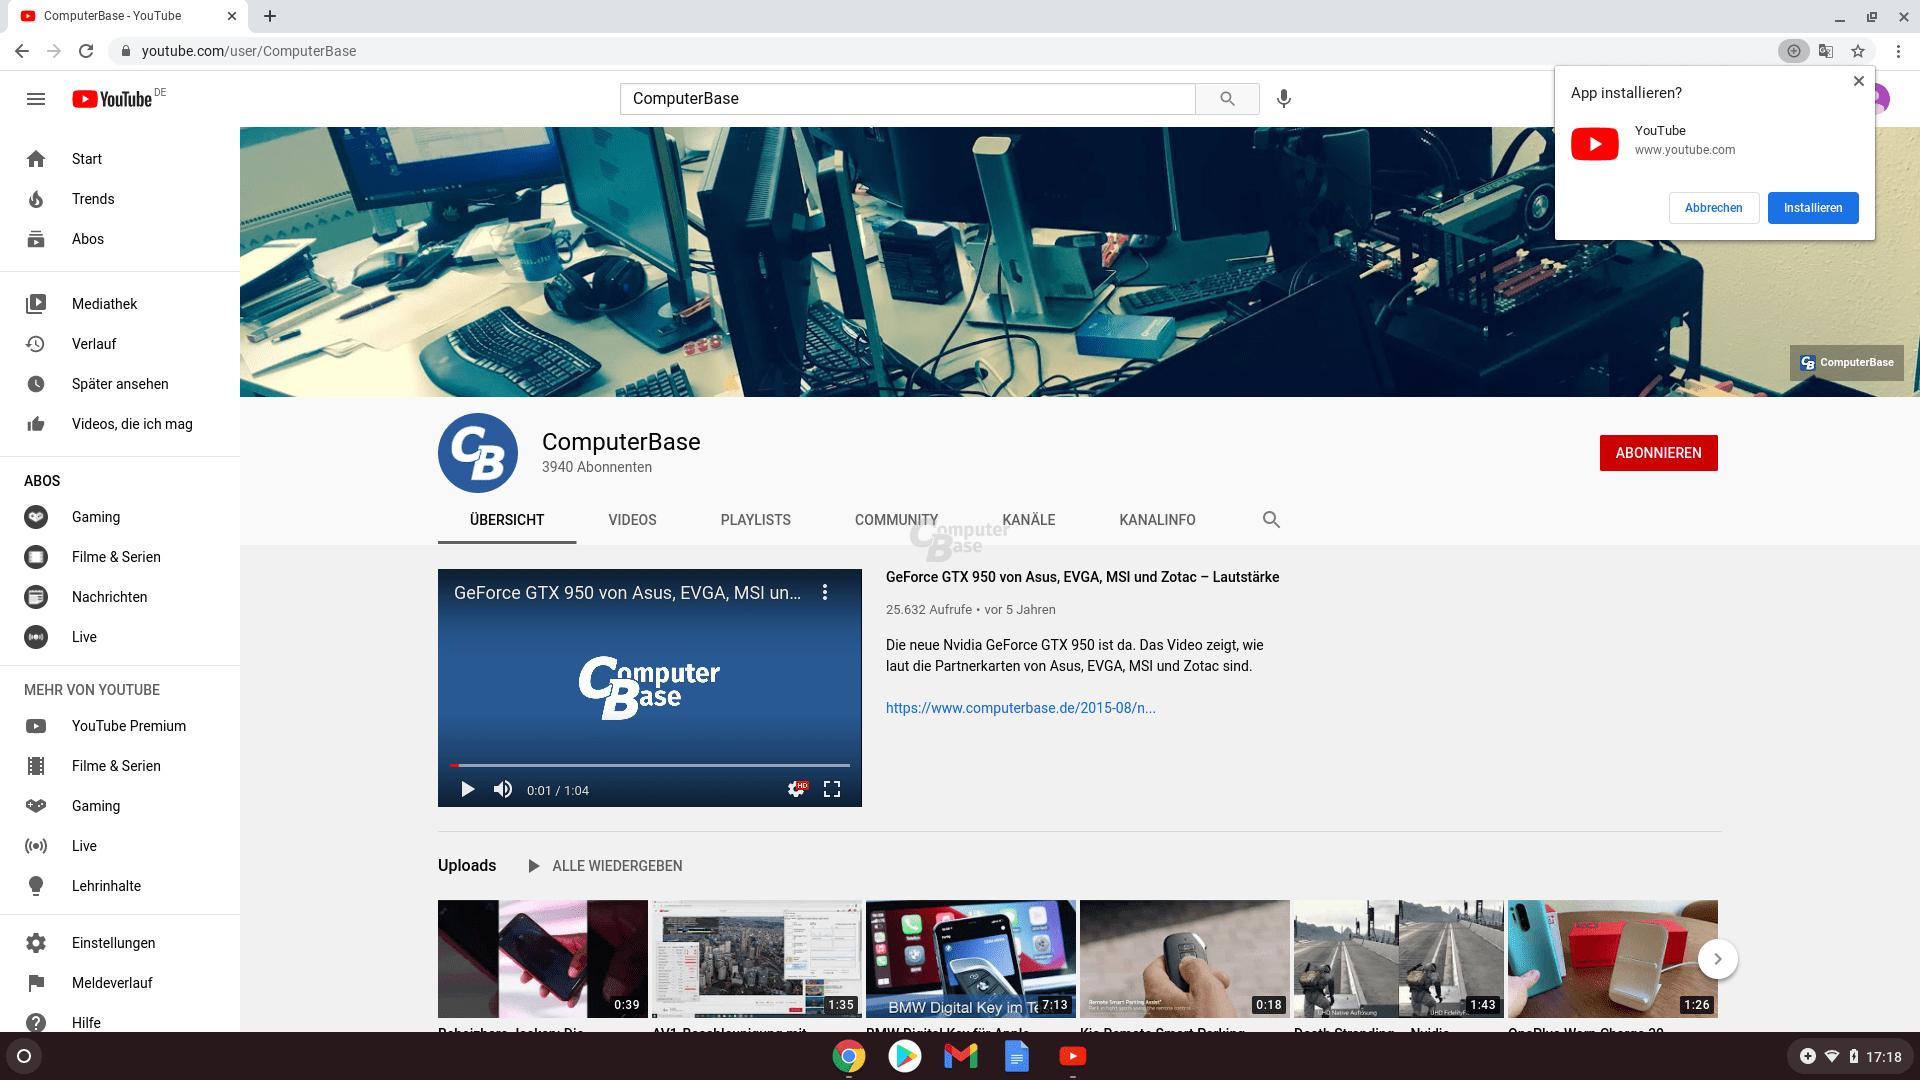 Die Progressive Web App von YouTube lässt sich mit zwei Klicks installieren...